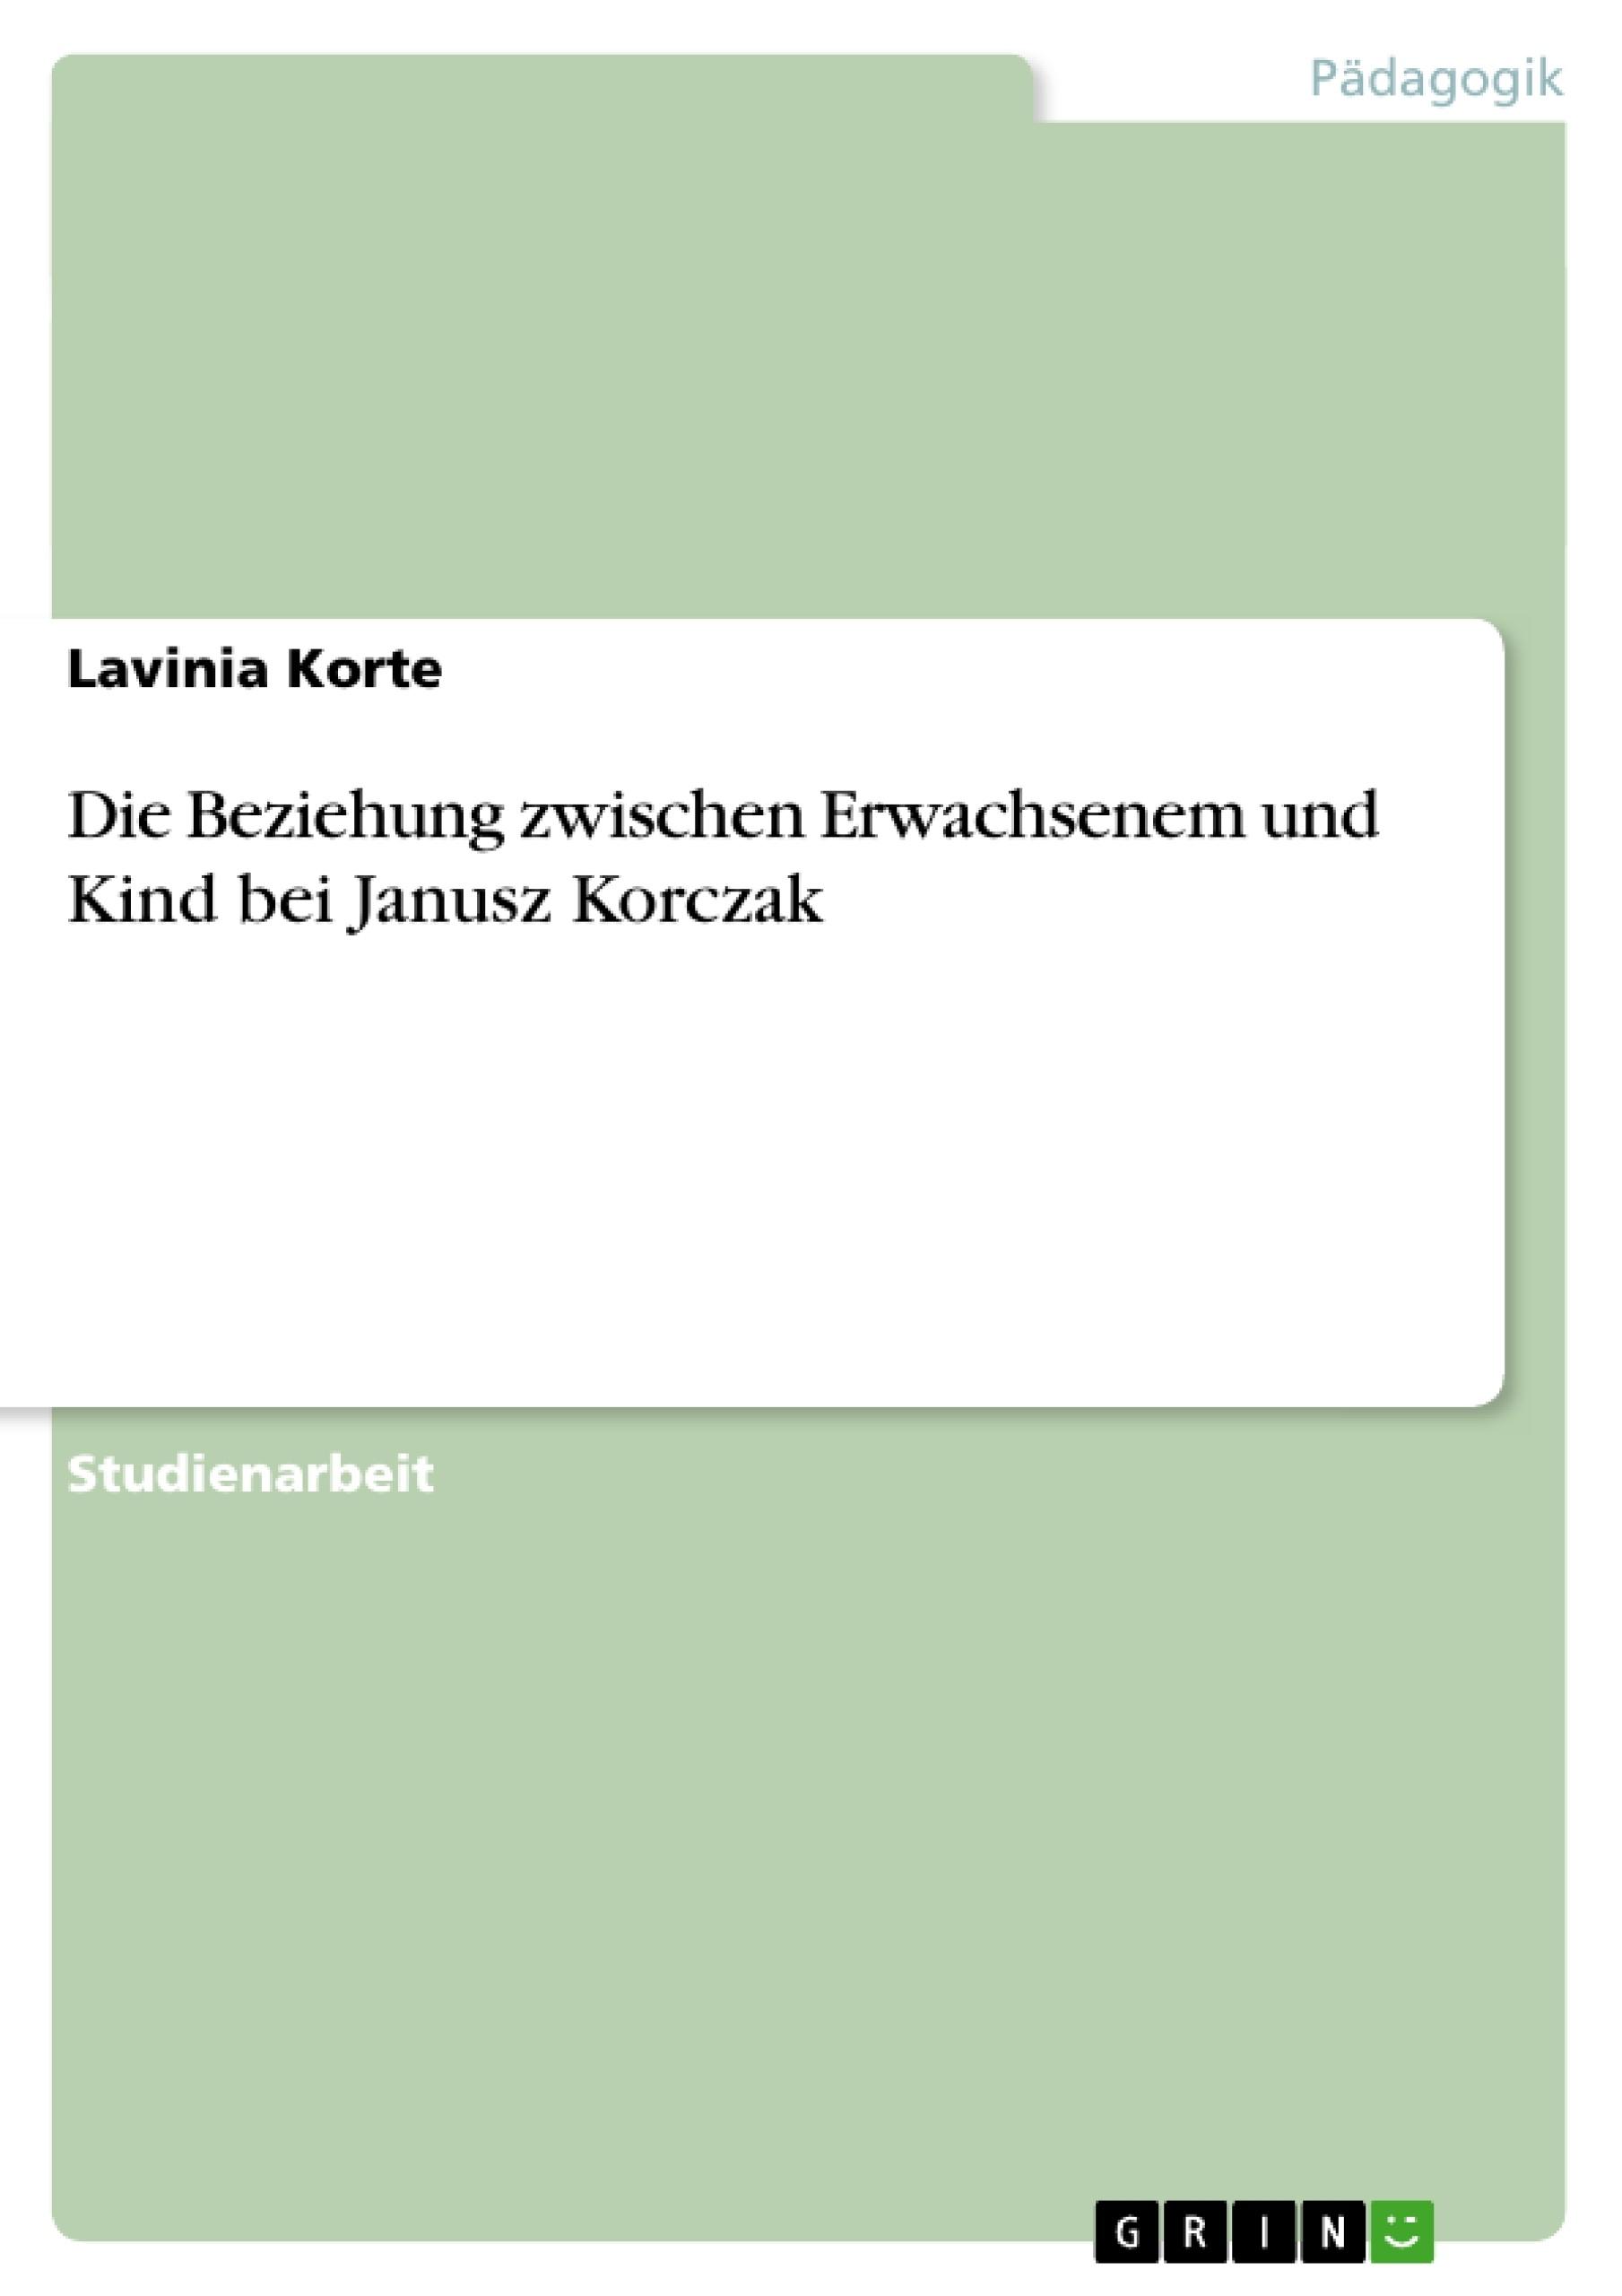 Titel: Die Beziehung zwischen Erwachsenem und Kind bei Janusz Korczak